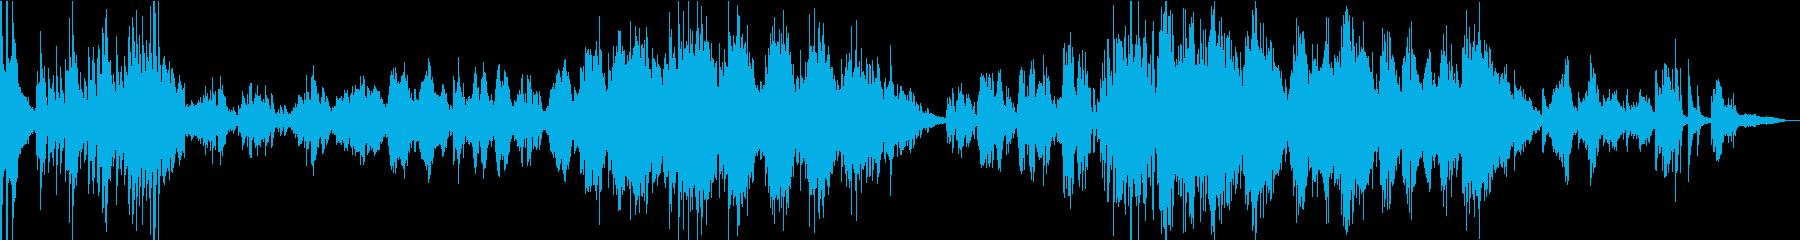 ラフマニノフの有名なメロディのメドレーの再生済みの波形